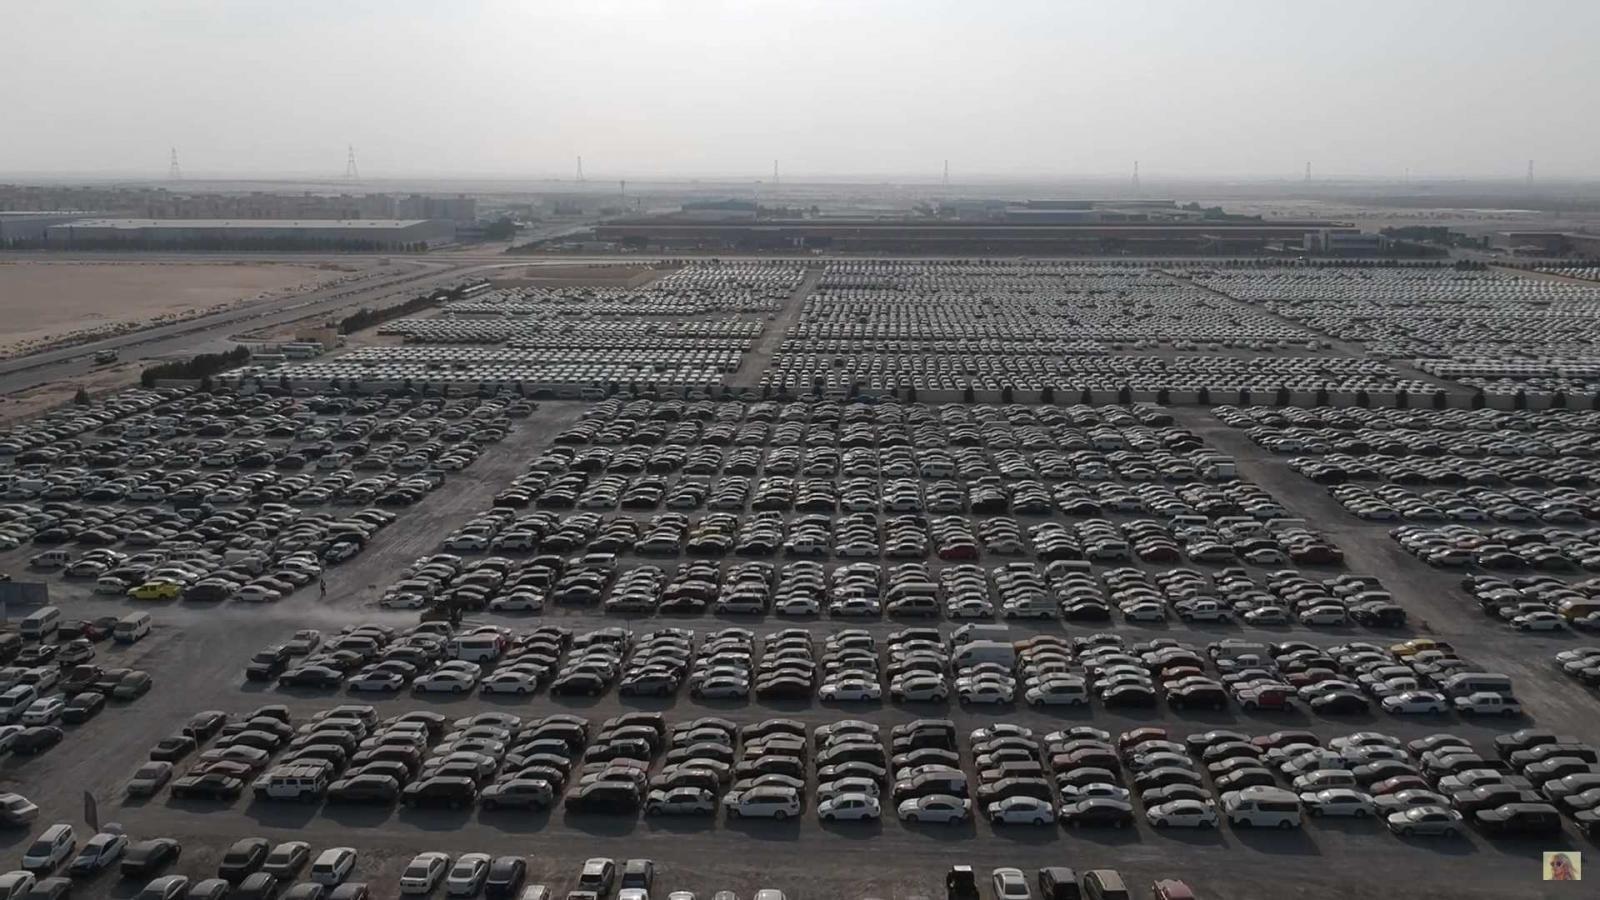 Hình ảnh bãi phế liệu khổng lồ ở Dubai tràn ngập siêu xe.